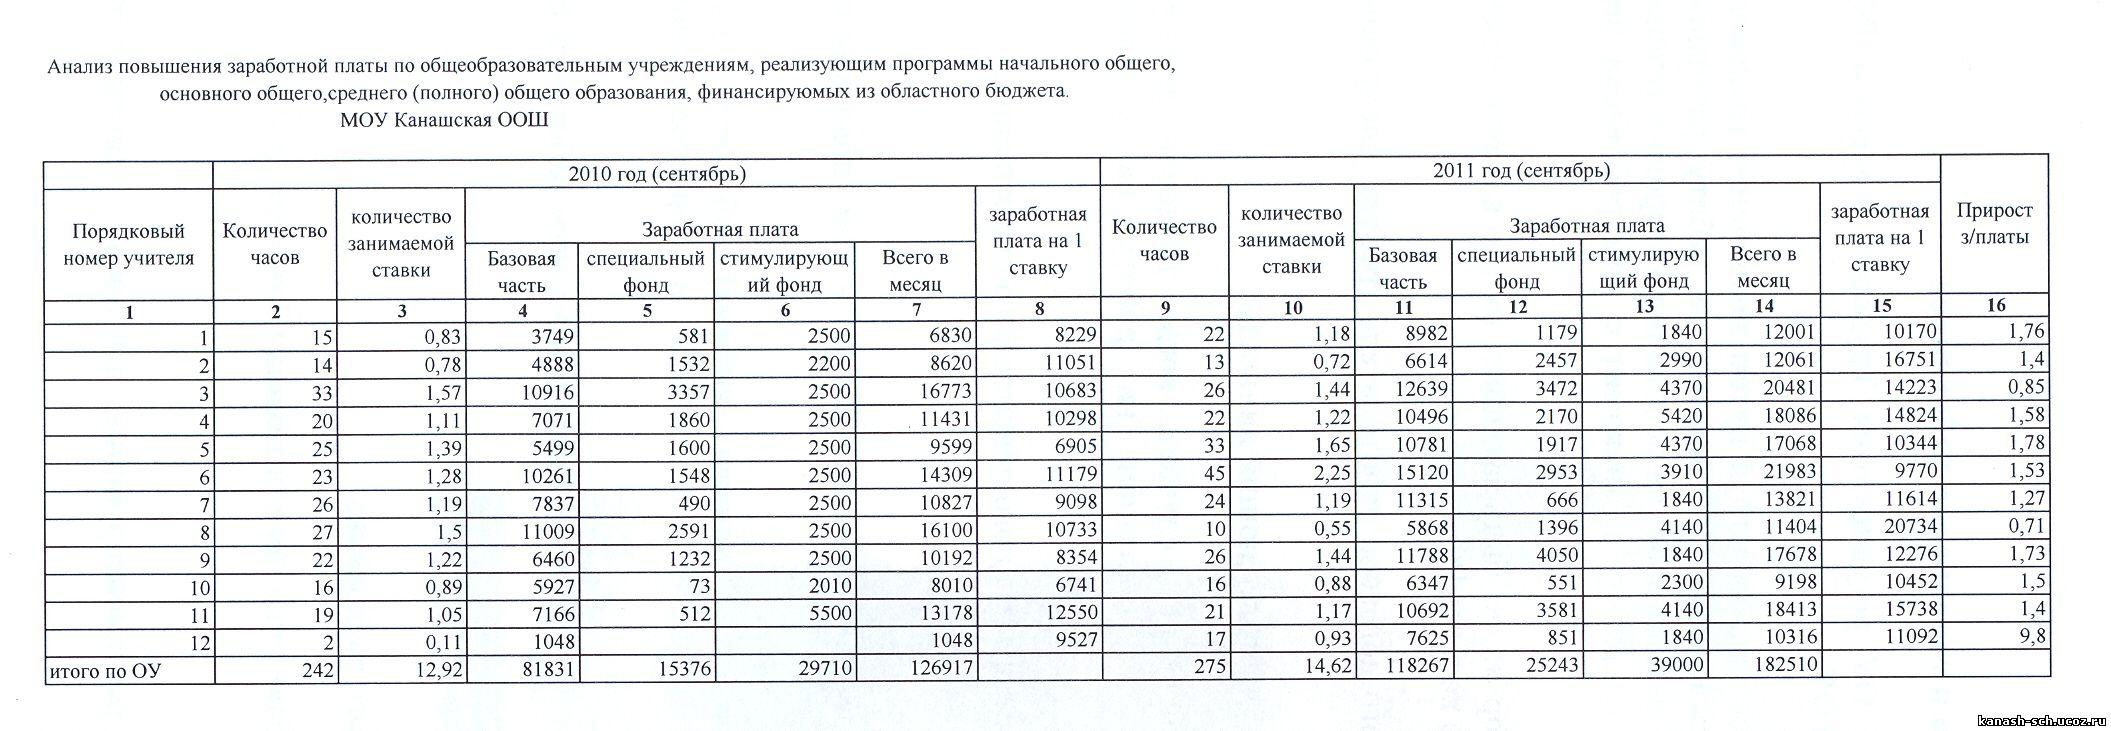 Отчет по заработной плате 24